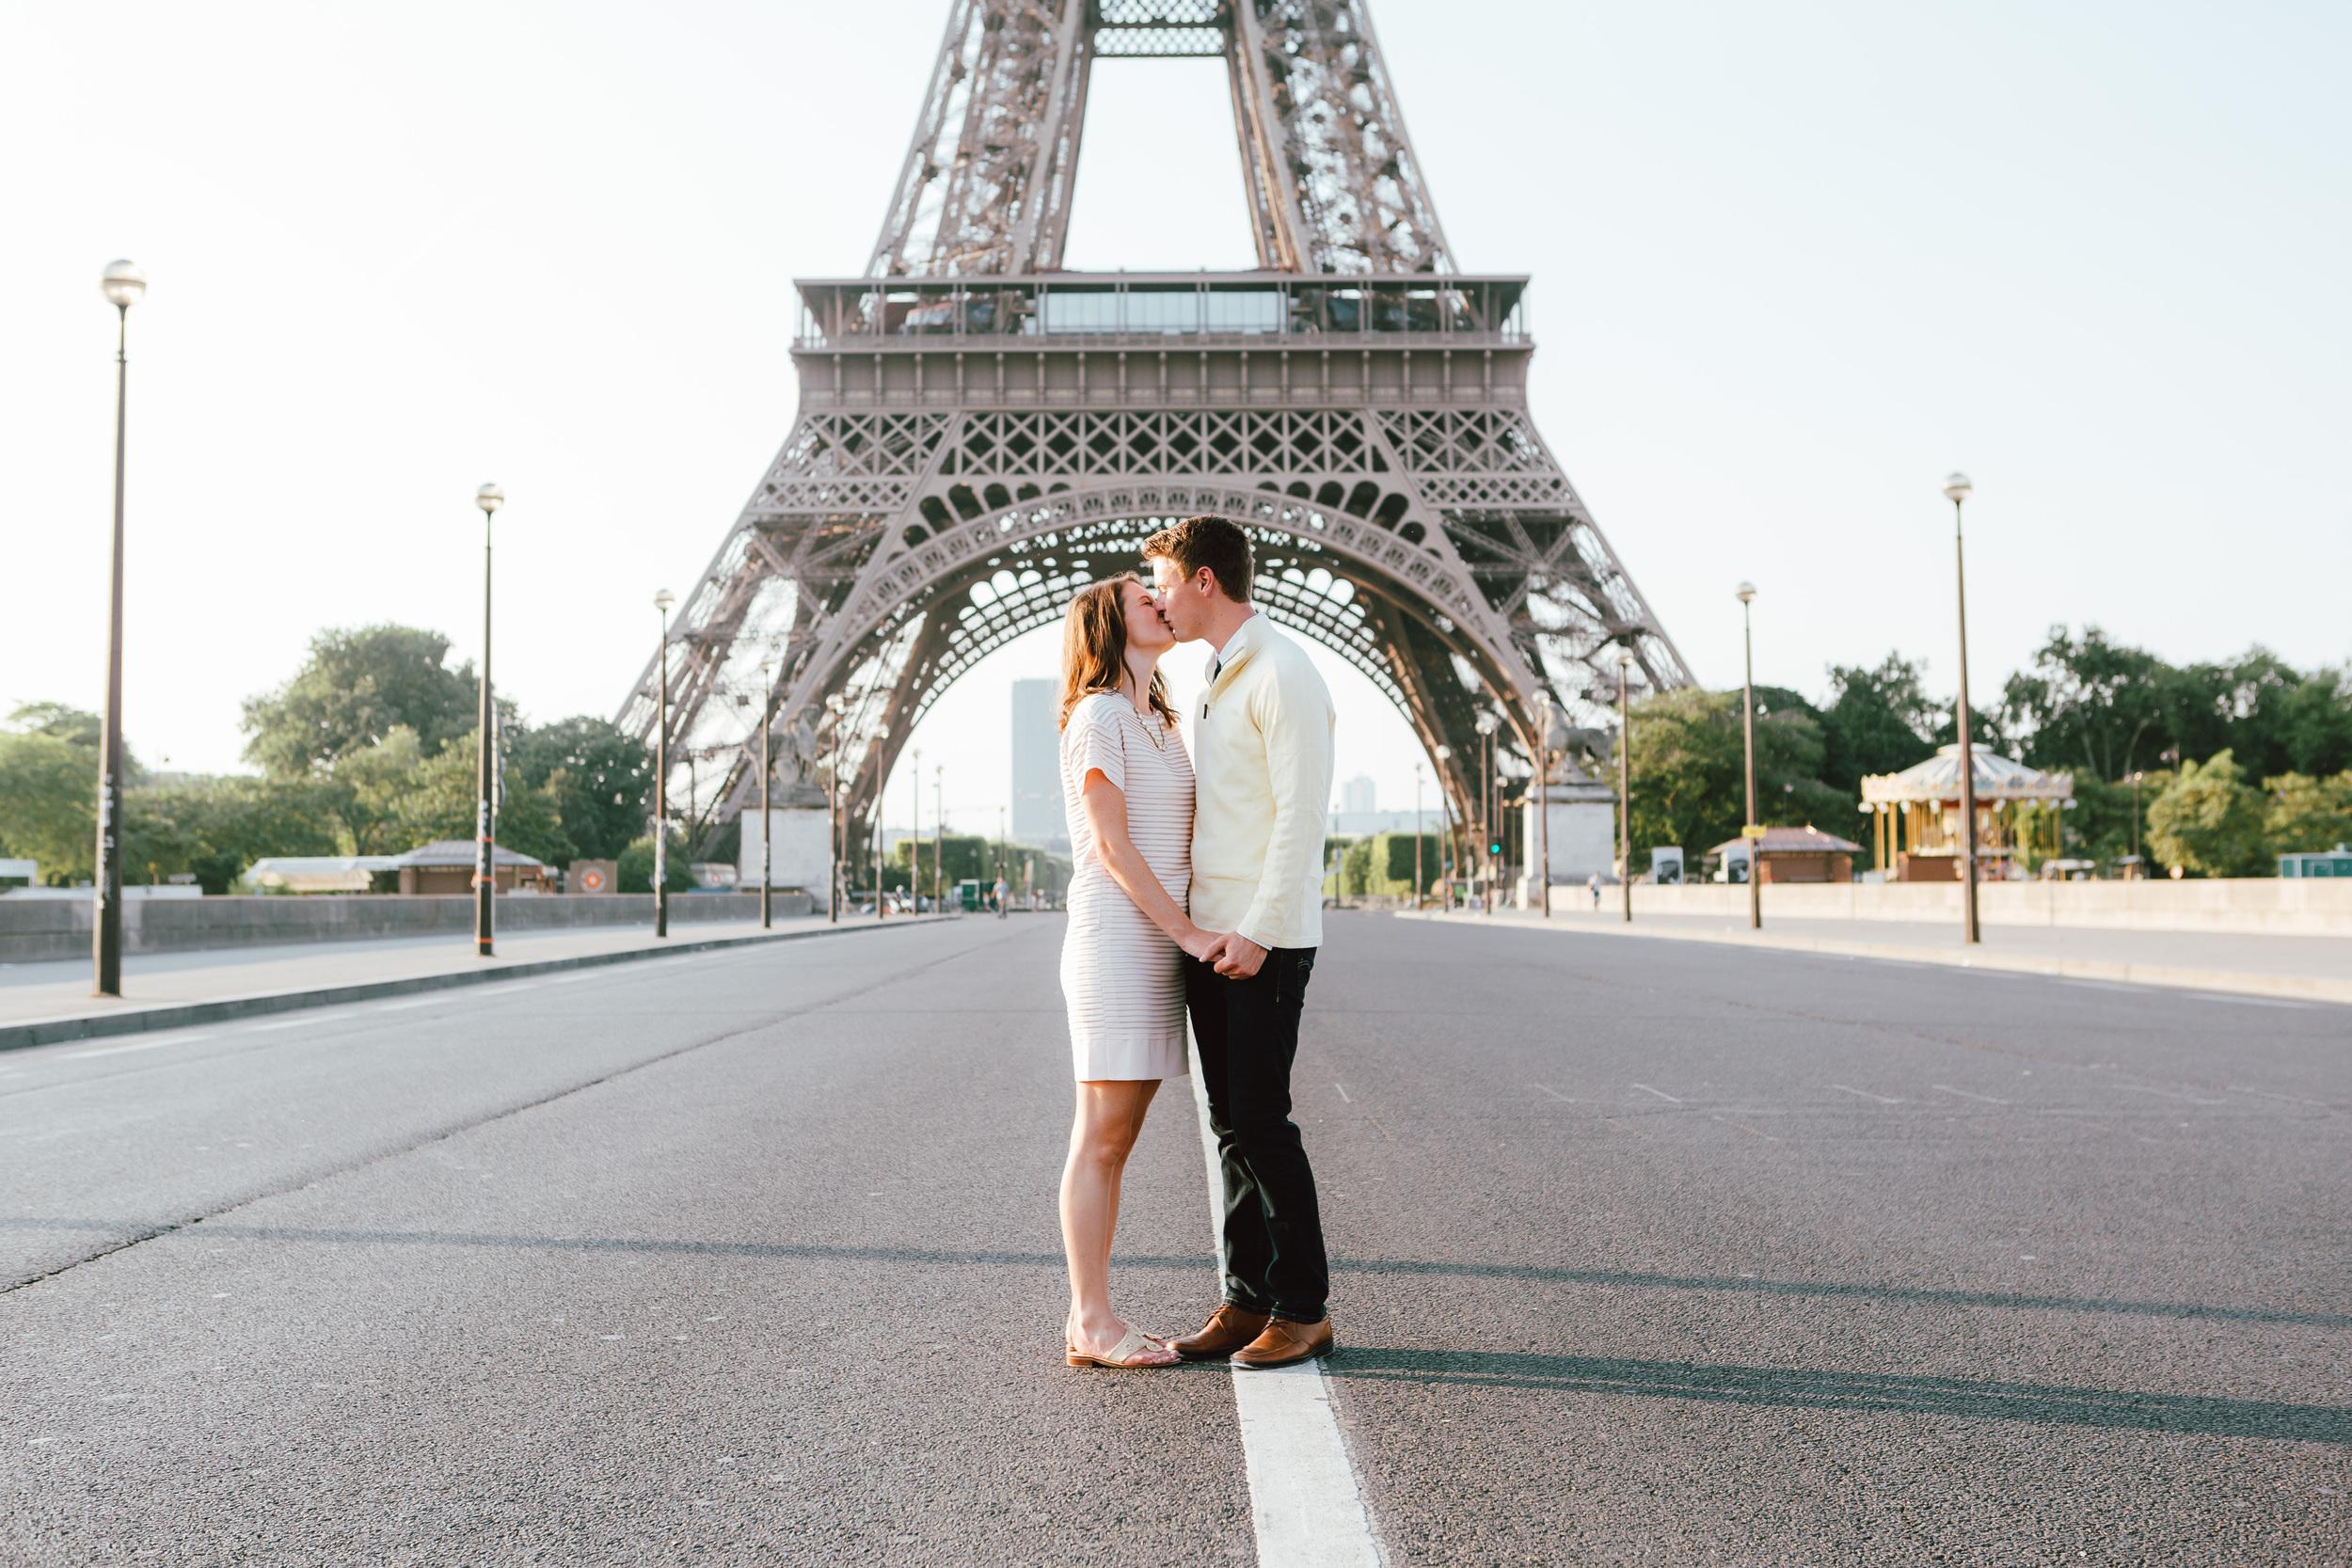 Paris Photographer, Tour Eiffel, Kiss, Love, Surprise Proposal, Iheartparisfr